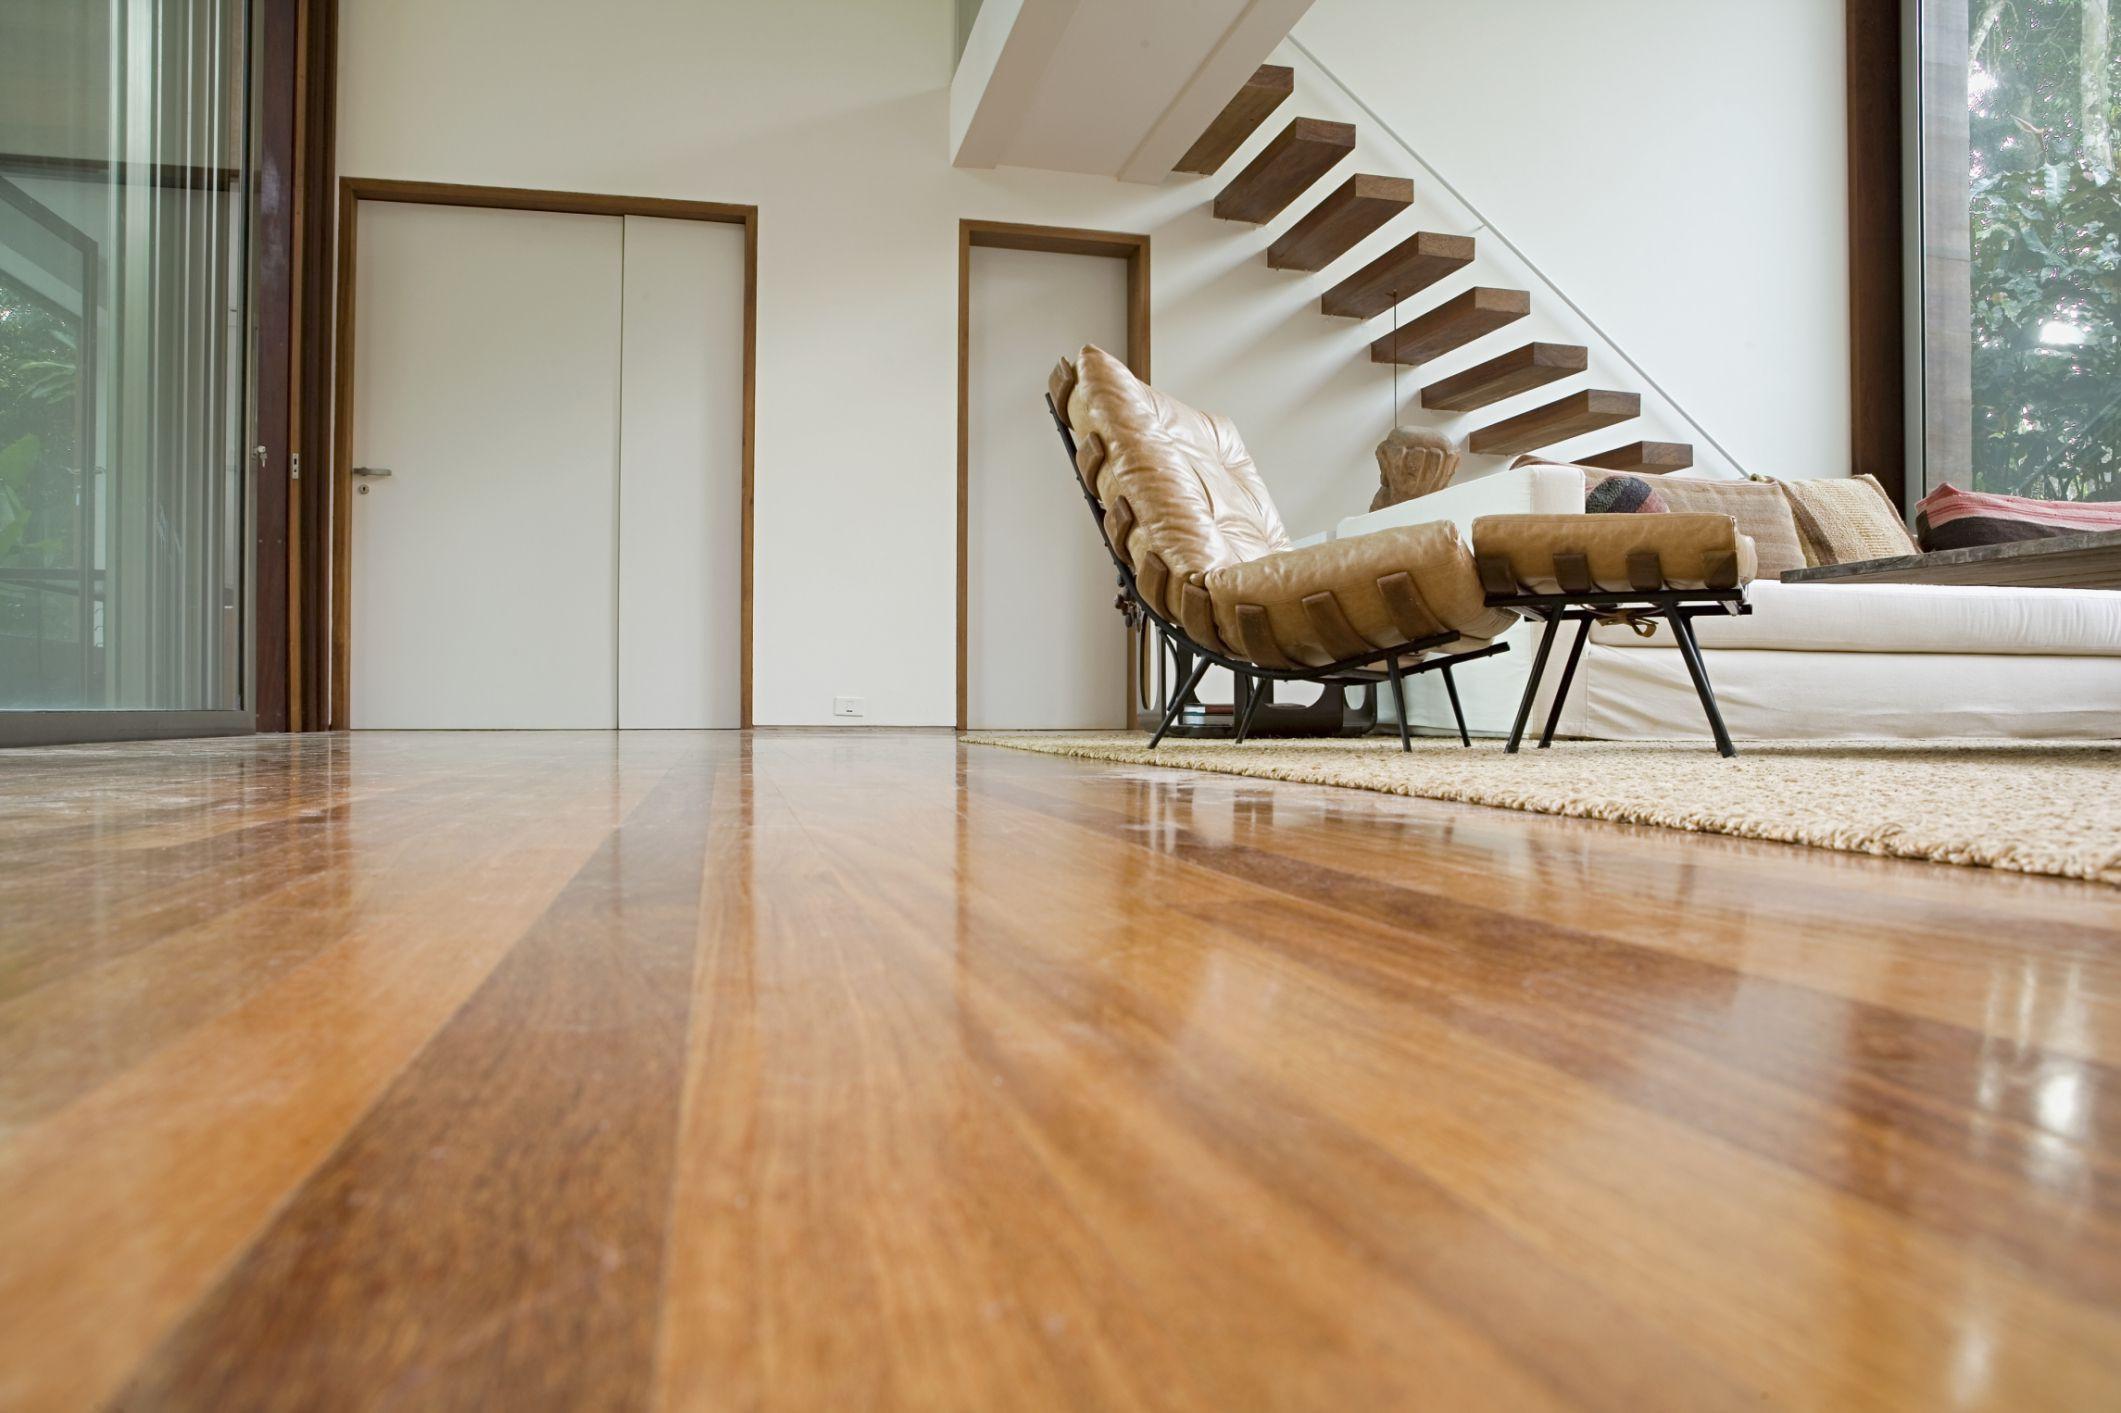 cost of laminate flooring vs hardwood of engineered wood flooring vs solid wood flooring within 200571260 001 highres 56a49dec5f9b58b7d0d7dc1e